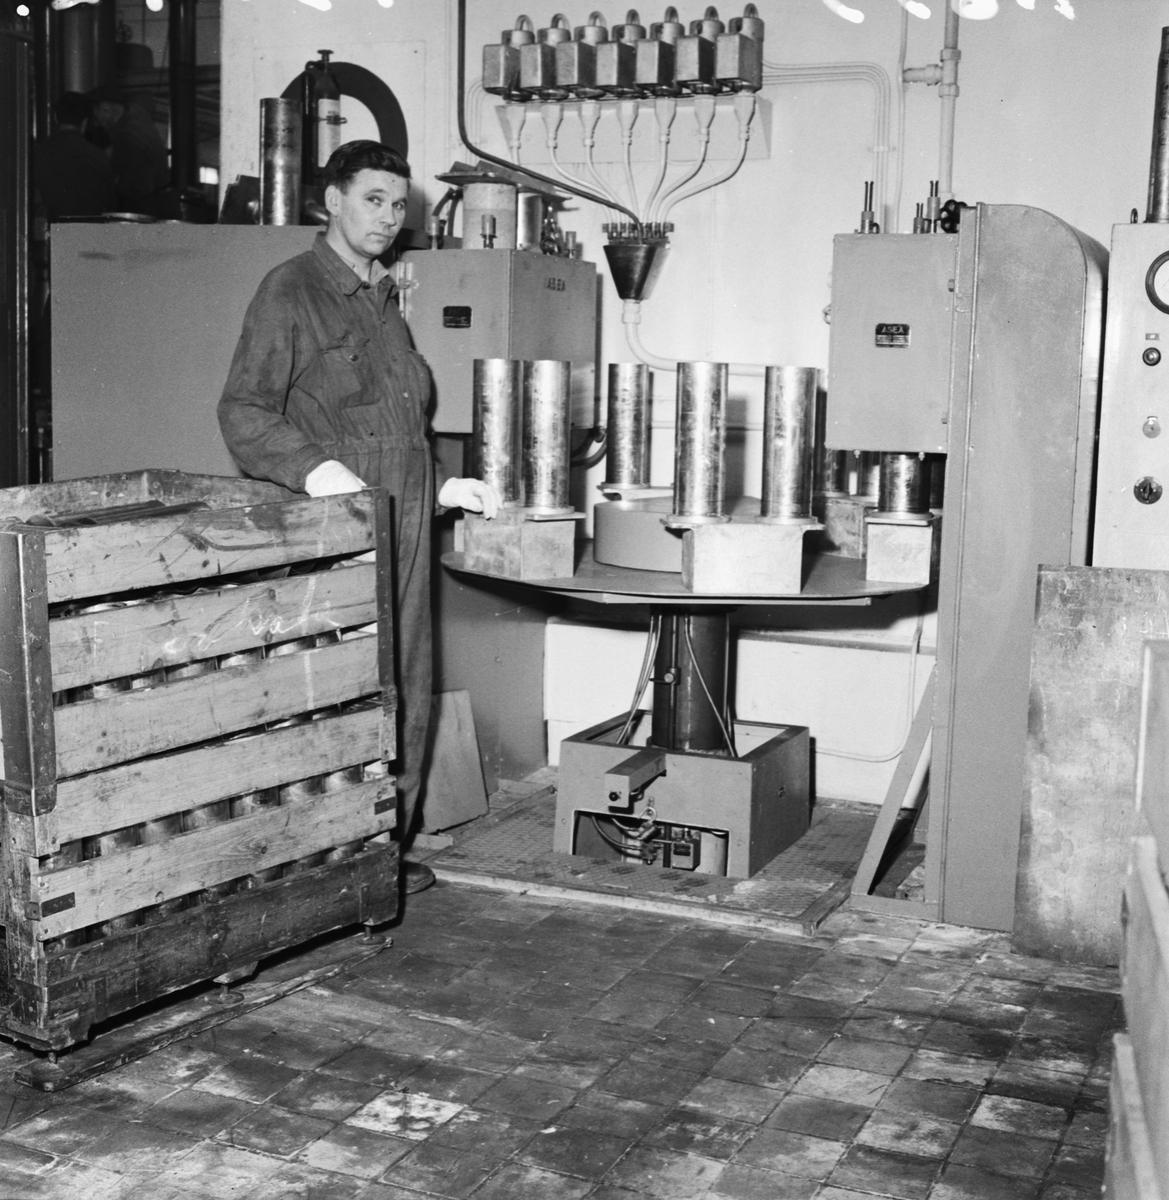 Övrigt: Foto datum: 13/2 1957 Byggnader och kranar Hylspressar i arbete i art.verkstan